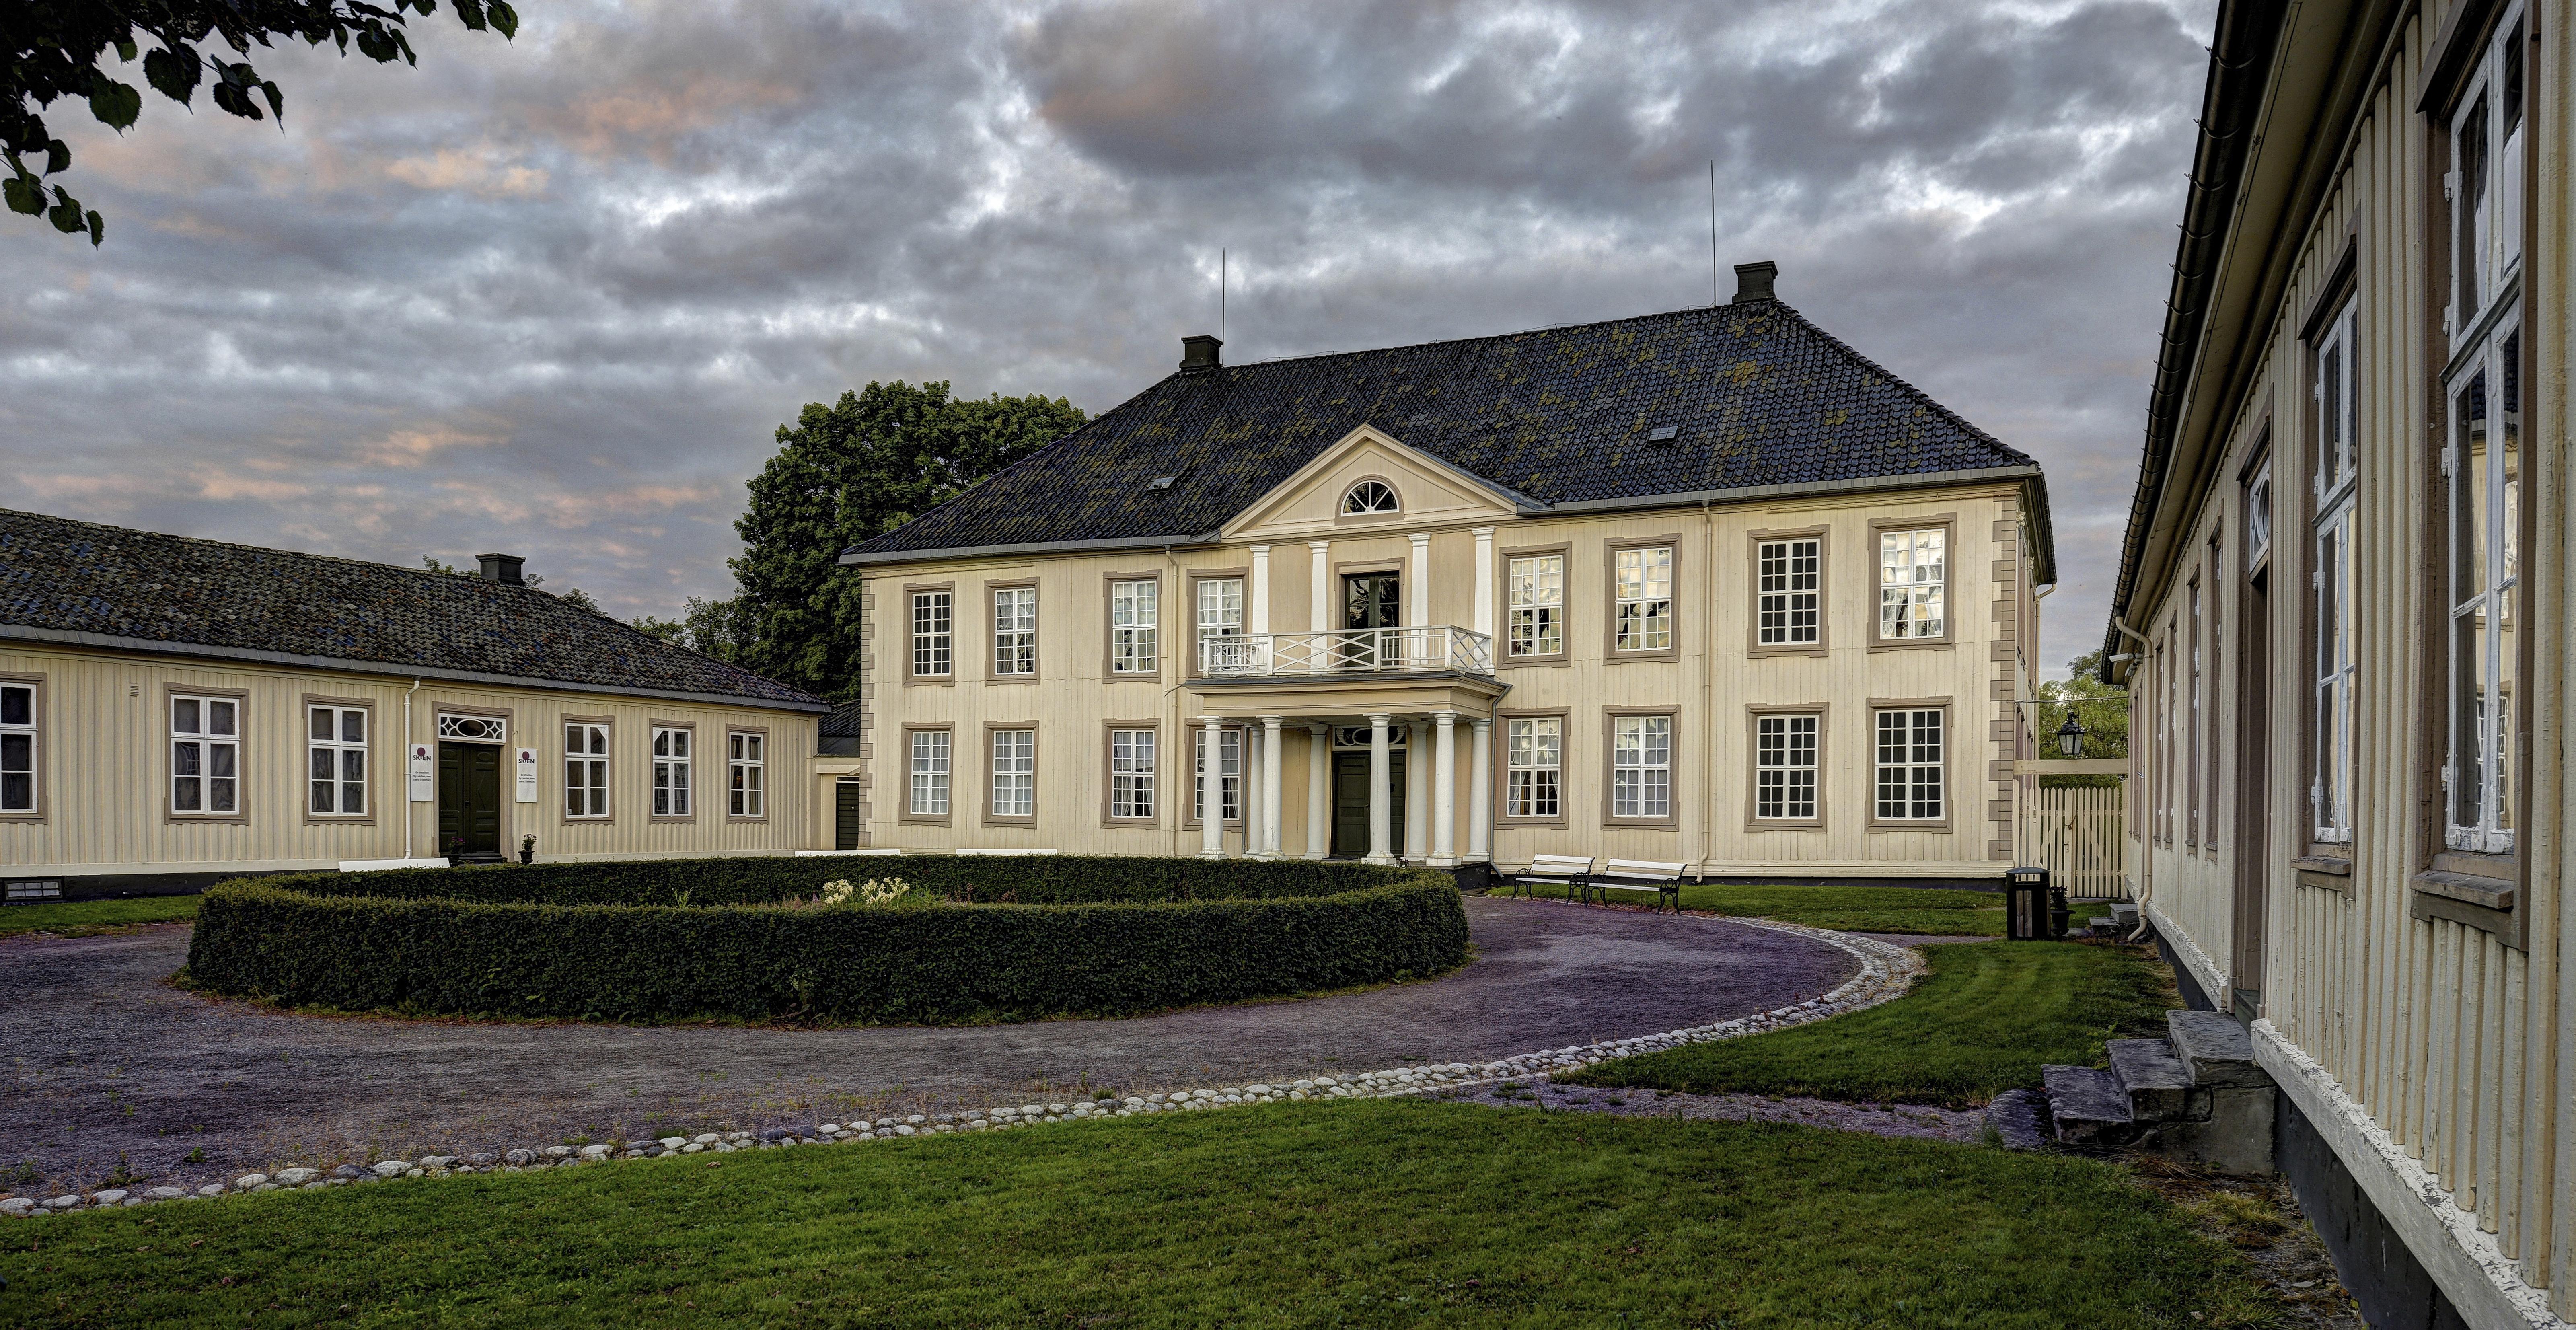 SØNDRE BREKKE: Herregården i Skien har huset mange fine familier, blant dem familien Niels Aall på begynnelsen av 1800-tallet. FOTO: Tom Riis